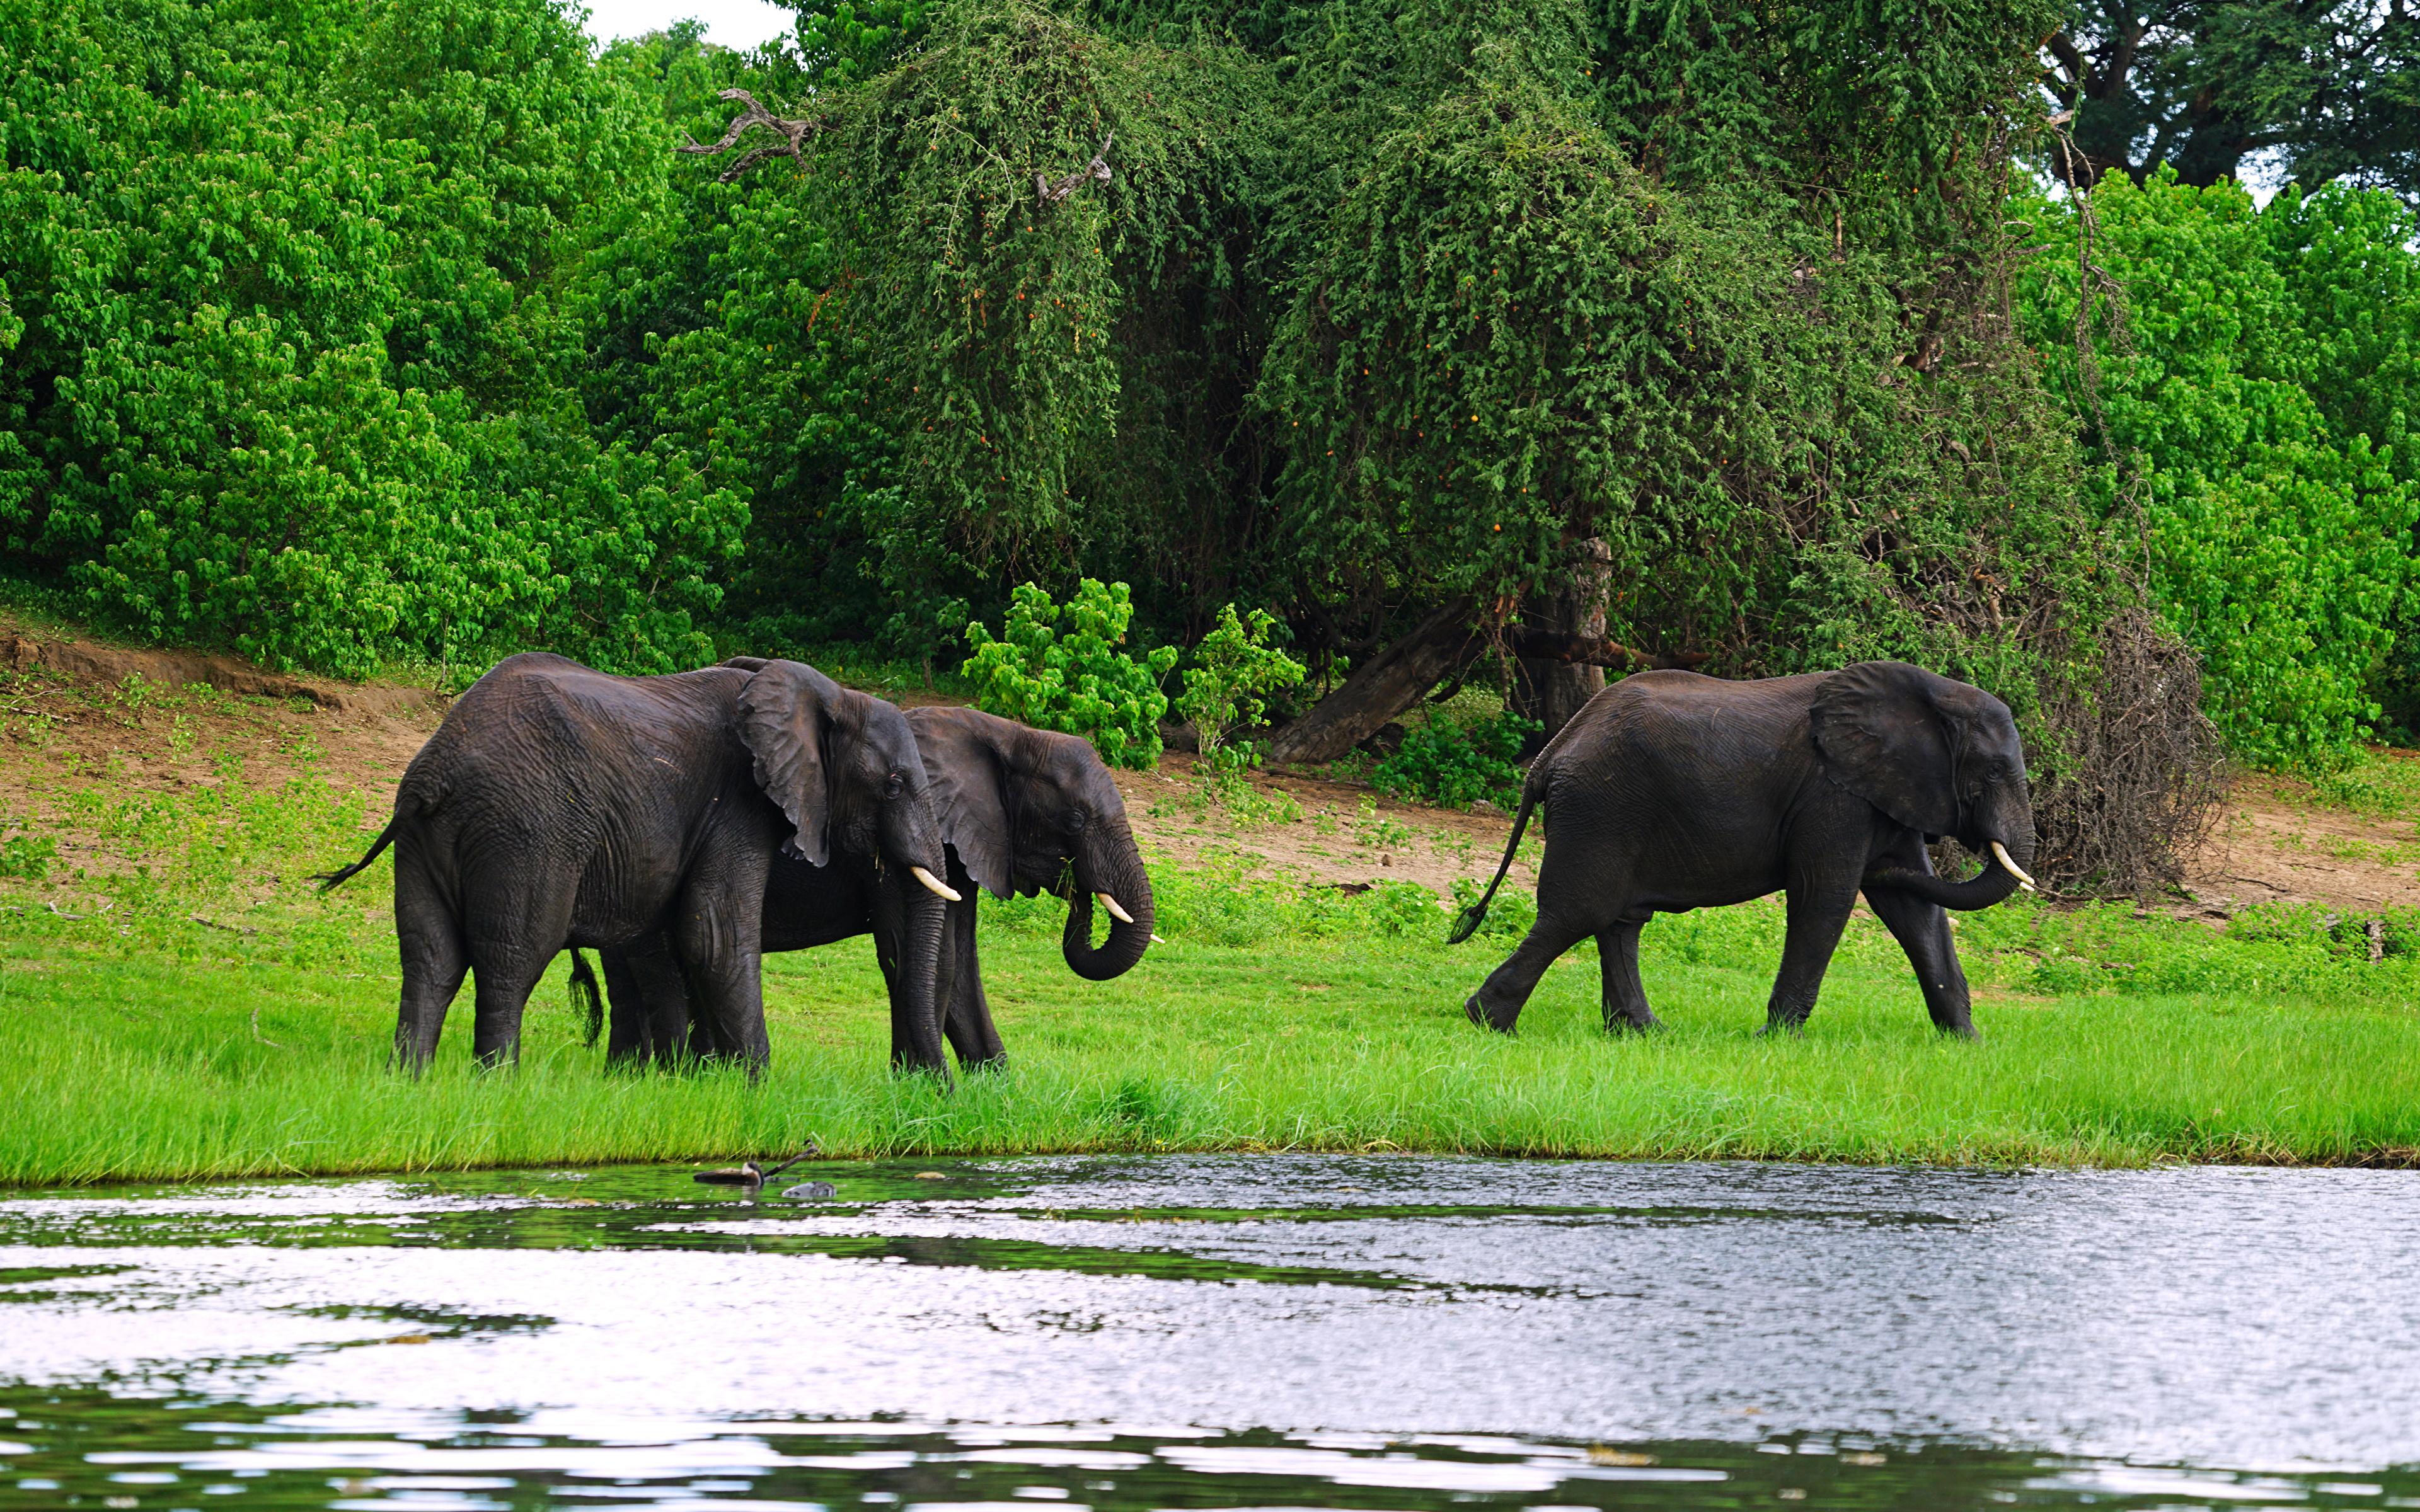 Картинка слон Трое 3 Побережье Животные 3840x2400 Слоны три берег втроем животное